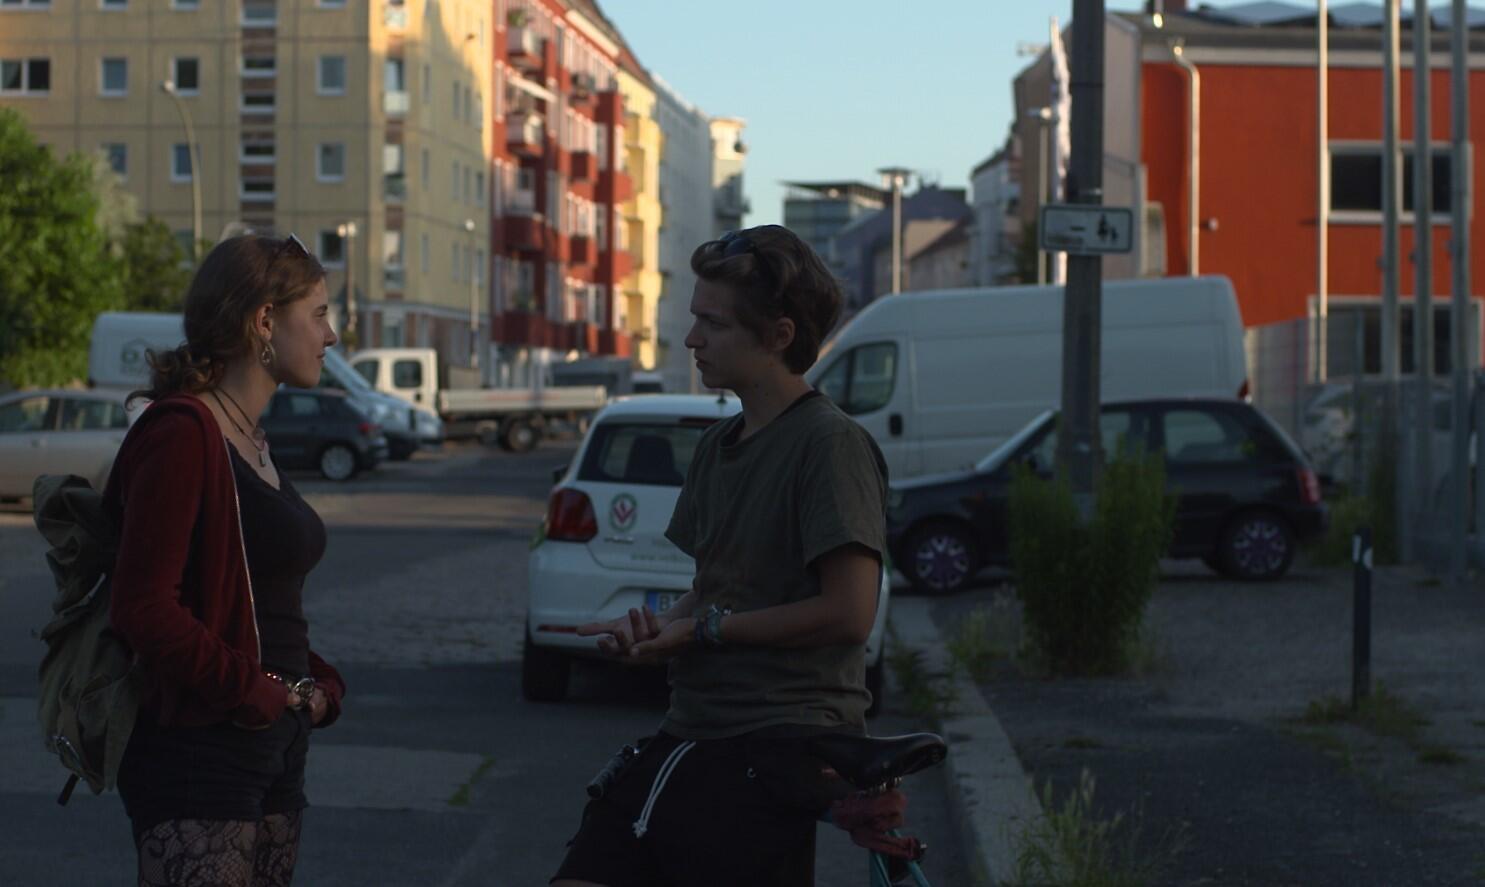 Scène issue du documentaire « Freizeit », de Caroline Pitzen, présentée au Cinéma du réel 2021.  © OKNO / Markus Koob